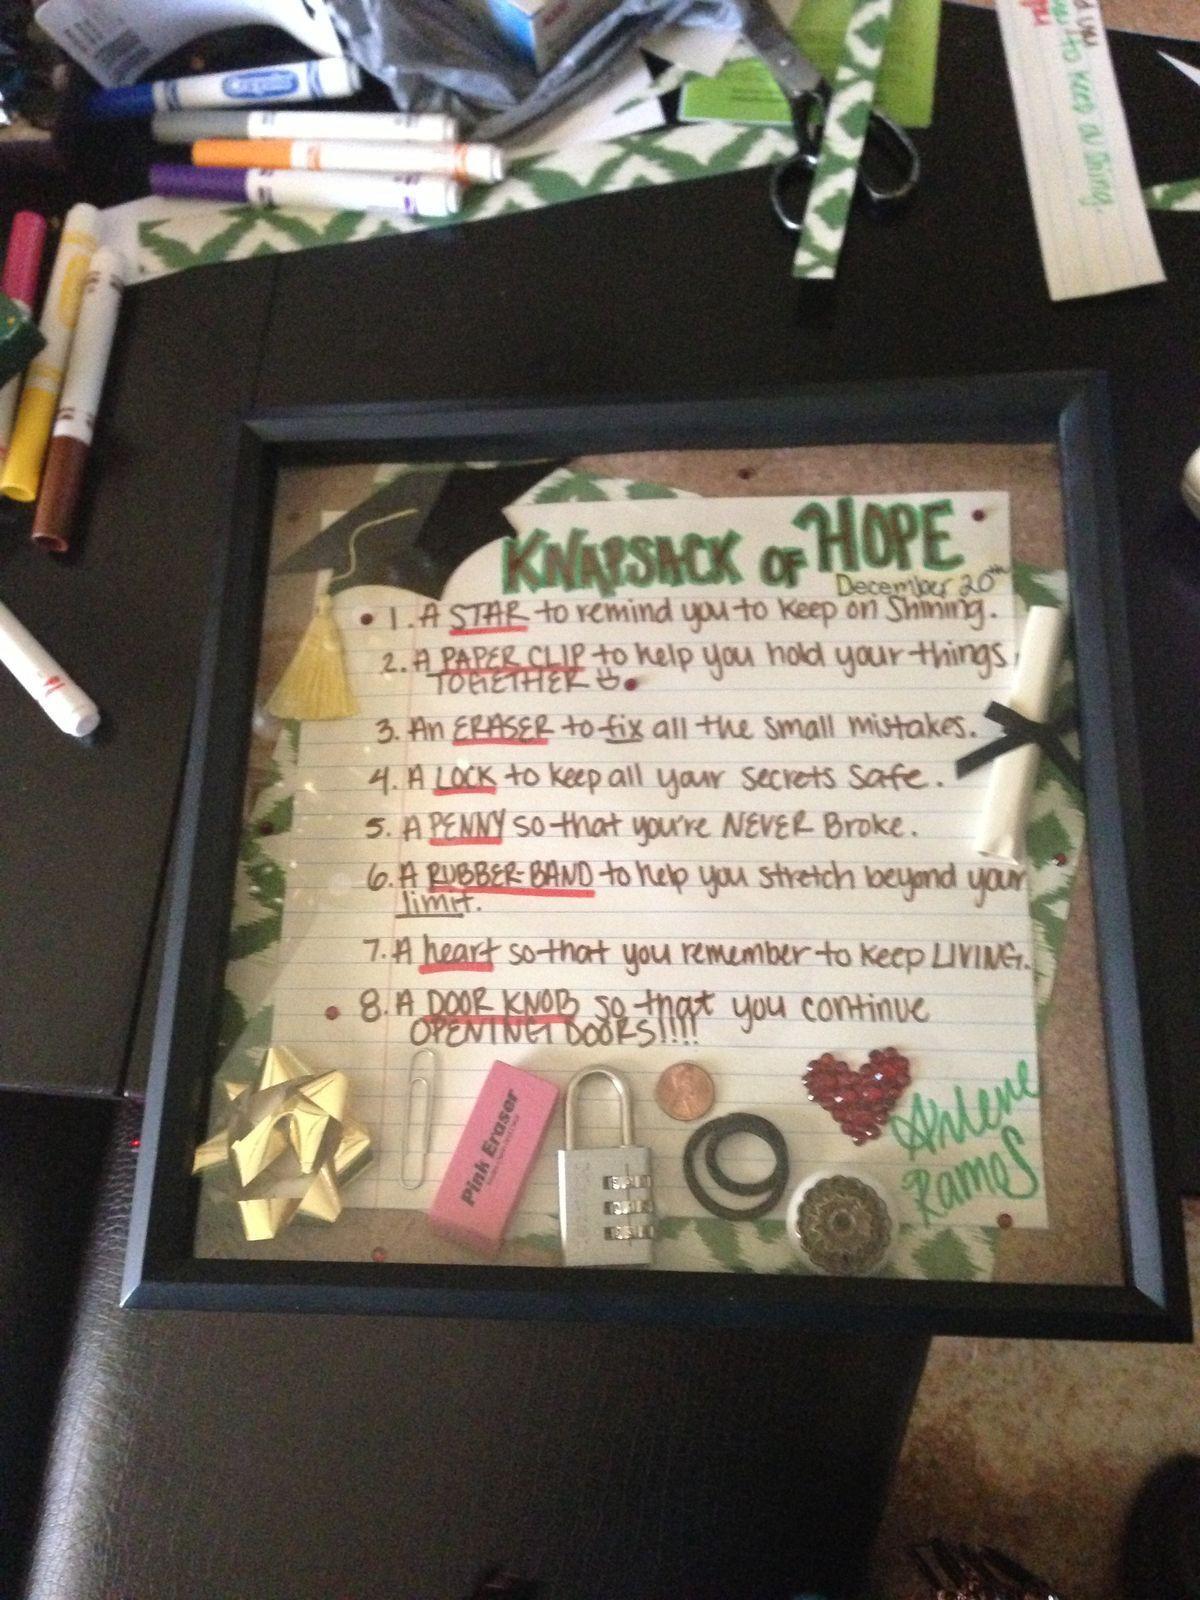 Graduation Gift Ideas For Sister  fd b81d9dd27b5bbb9b841ed2011 1 200×1 600 pixels